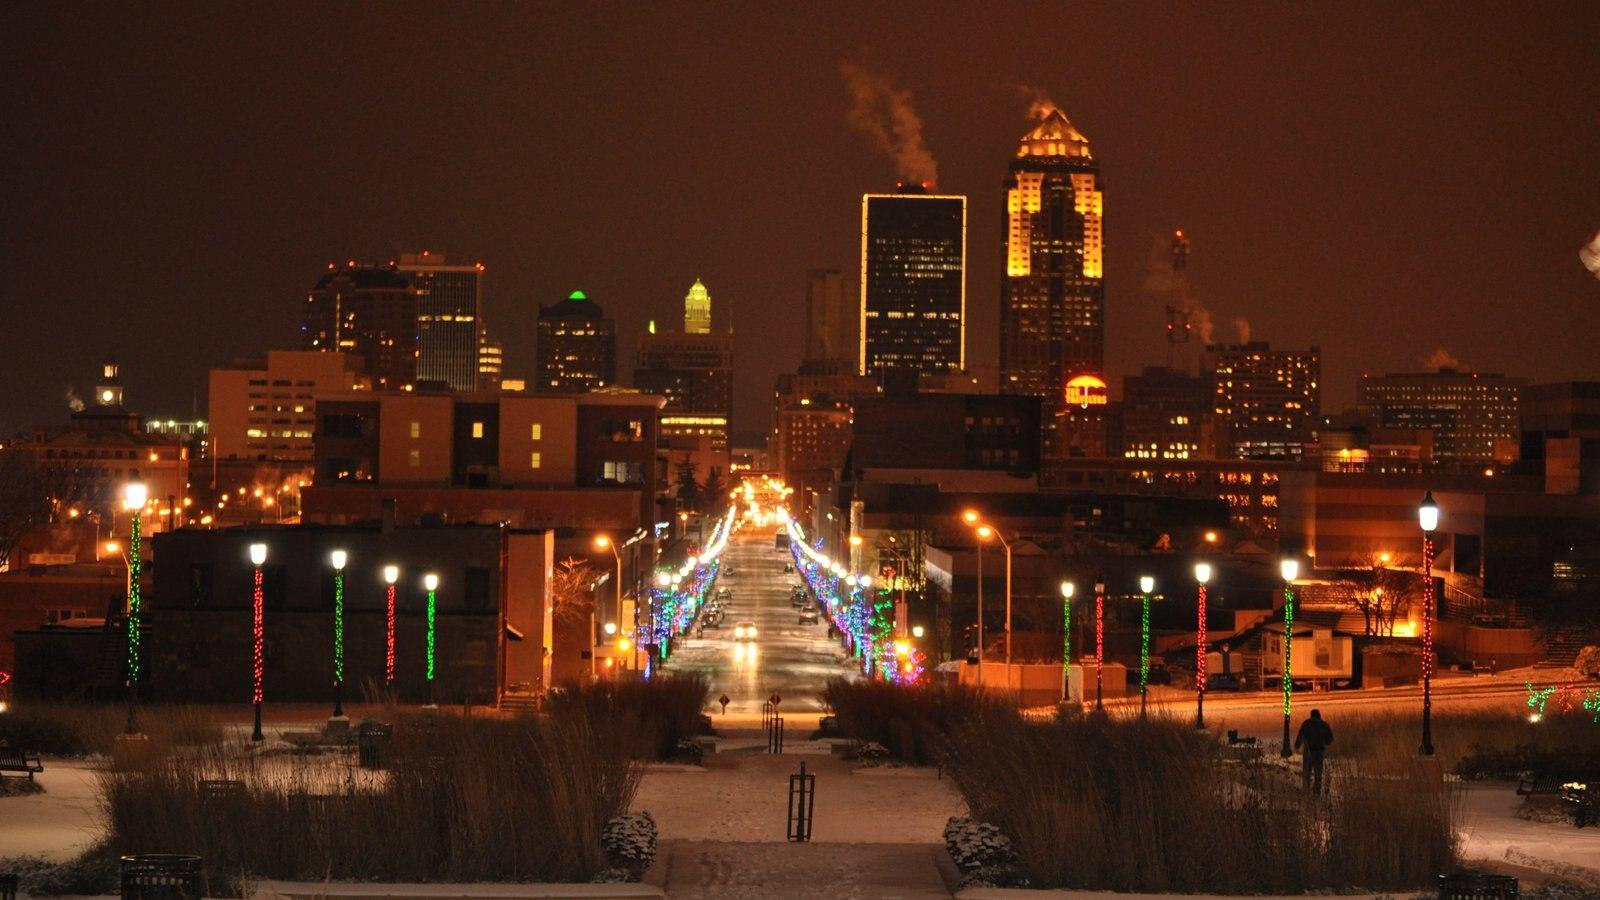 Des Moines mostrando un edificio de gran altura, distrito financiero central y una ciudad